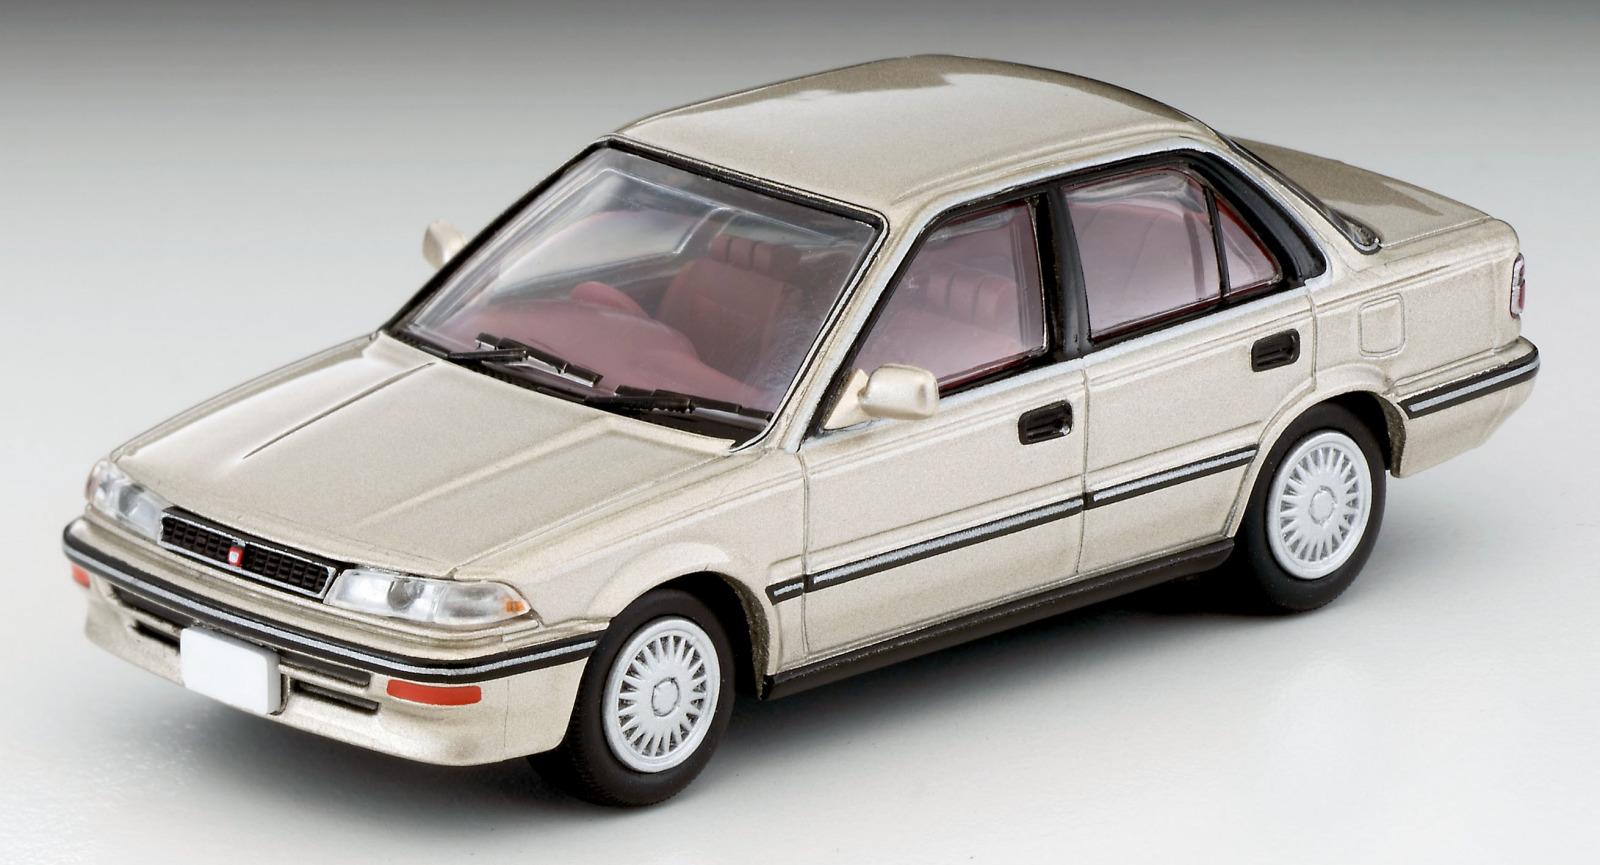 「史上最高の販売台数6代目カローラの「1500SEリミテッド」がトミカLV-NEOに新登場【ミニカー新製品情報】」の4枚目の画像